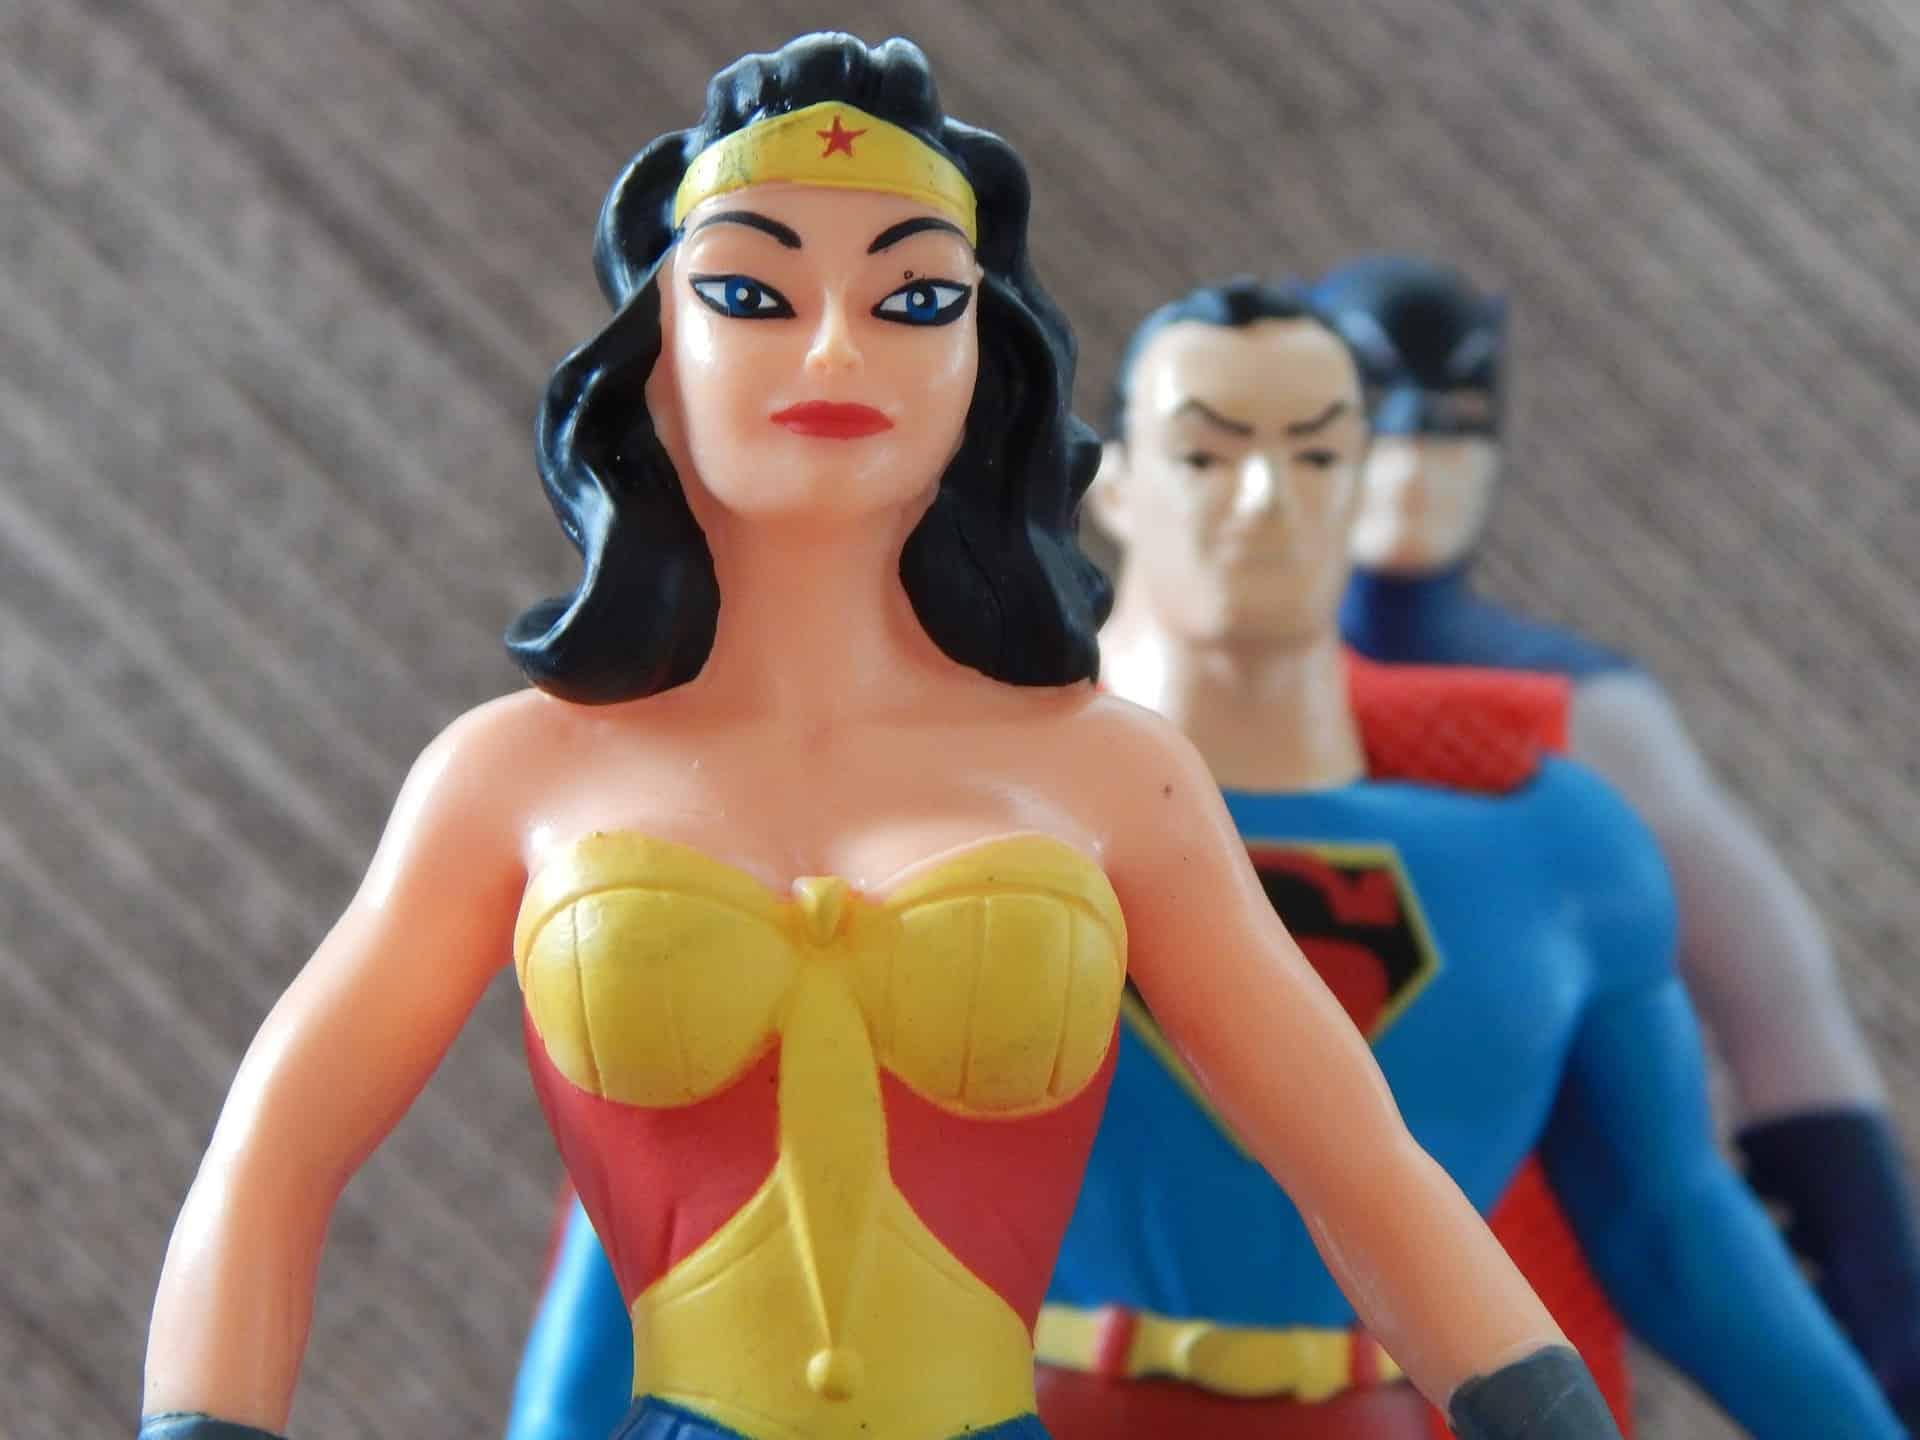 Les figurines reviennent à la mode